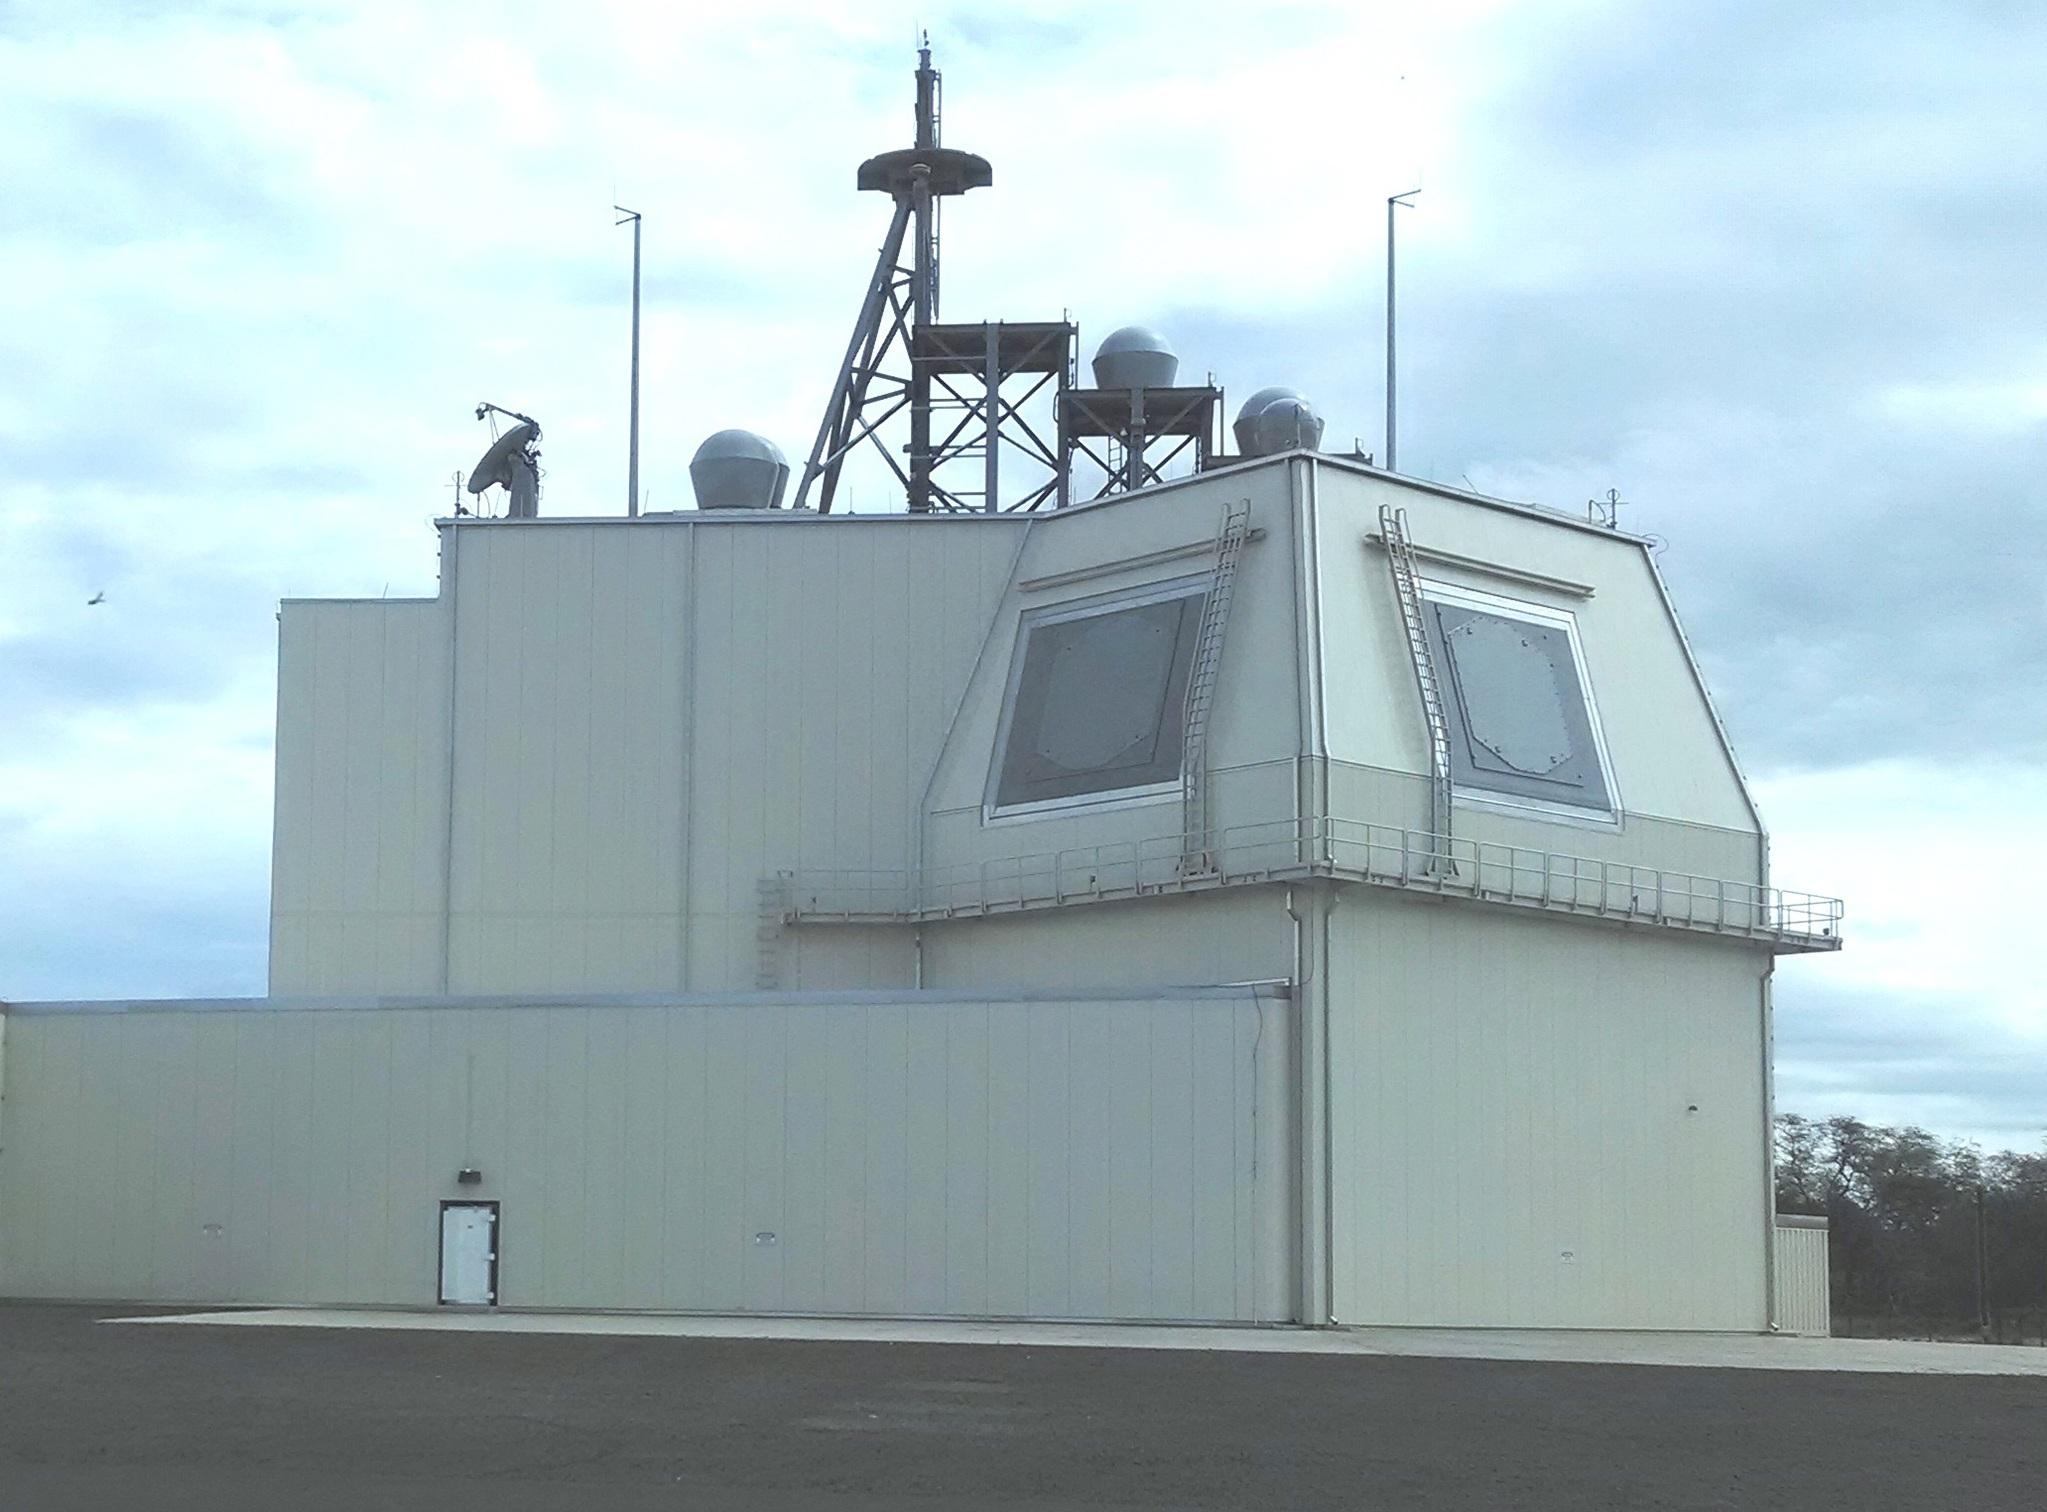 록히드마틴이 개발한 지상형 이지스(Aegis Ashore) 체계. [미 해군]